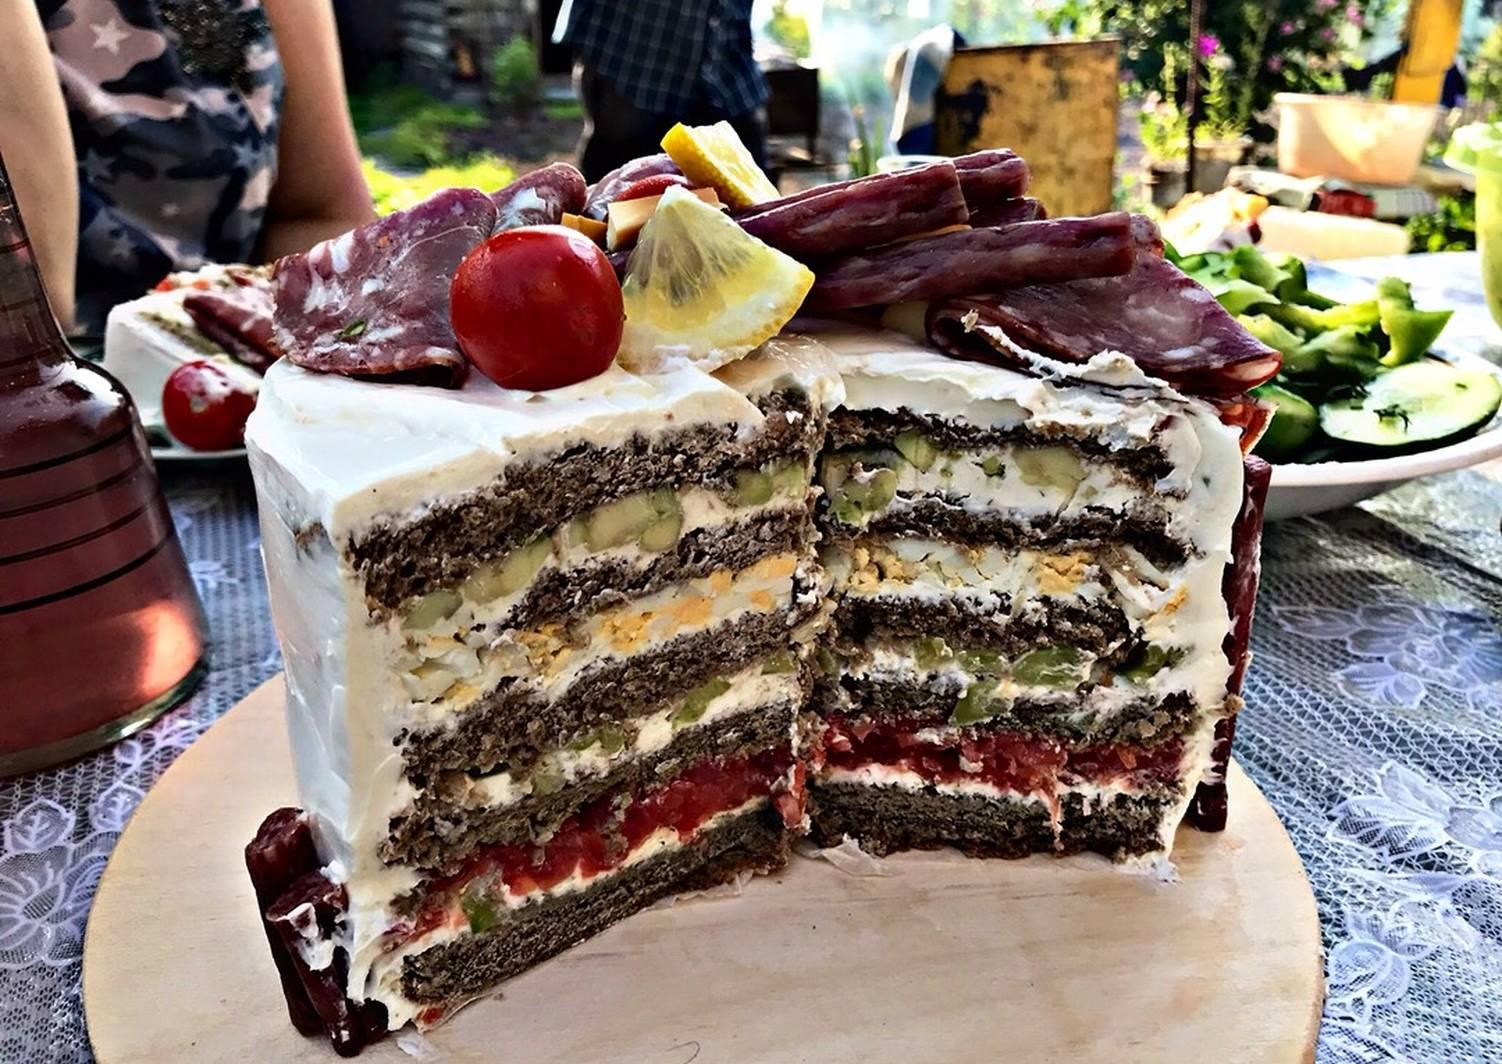 специалисты придерживаются торт из мяса рецепты с фото снип сэс все